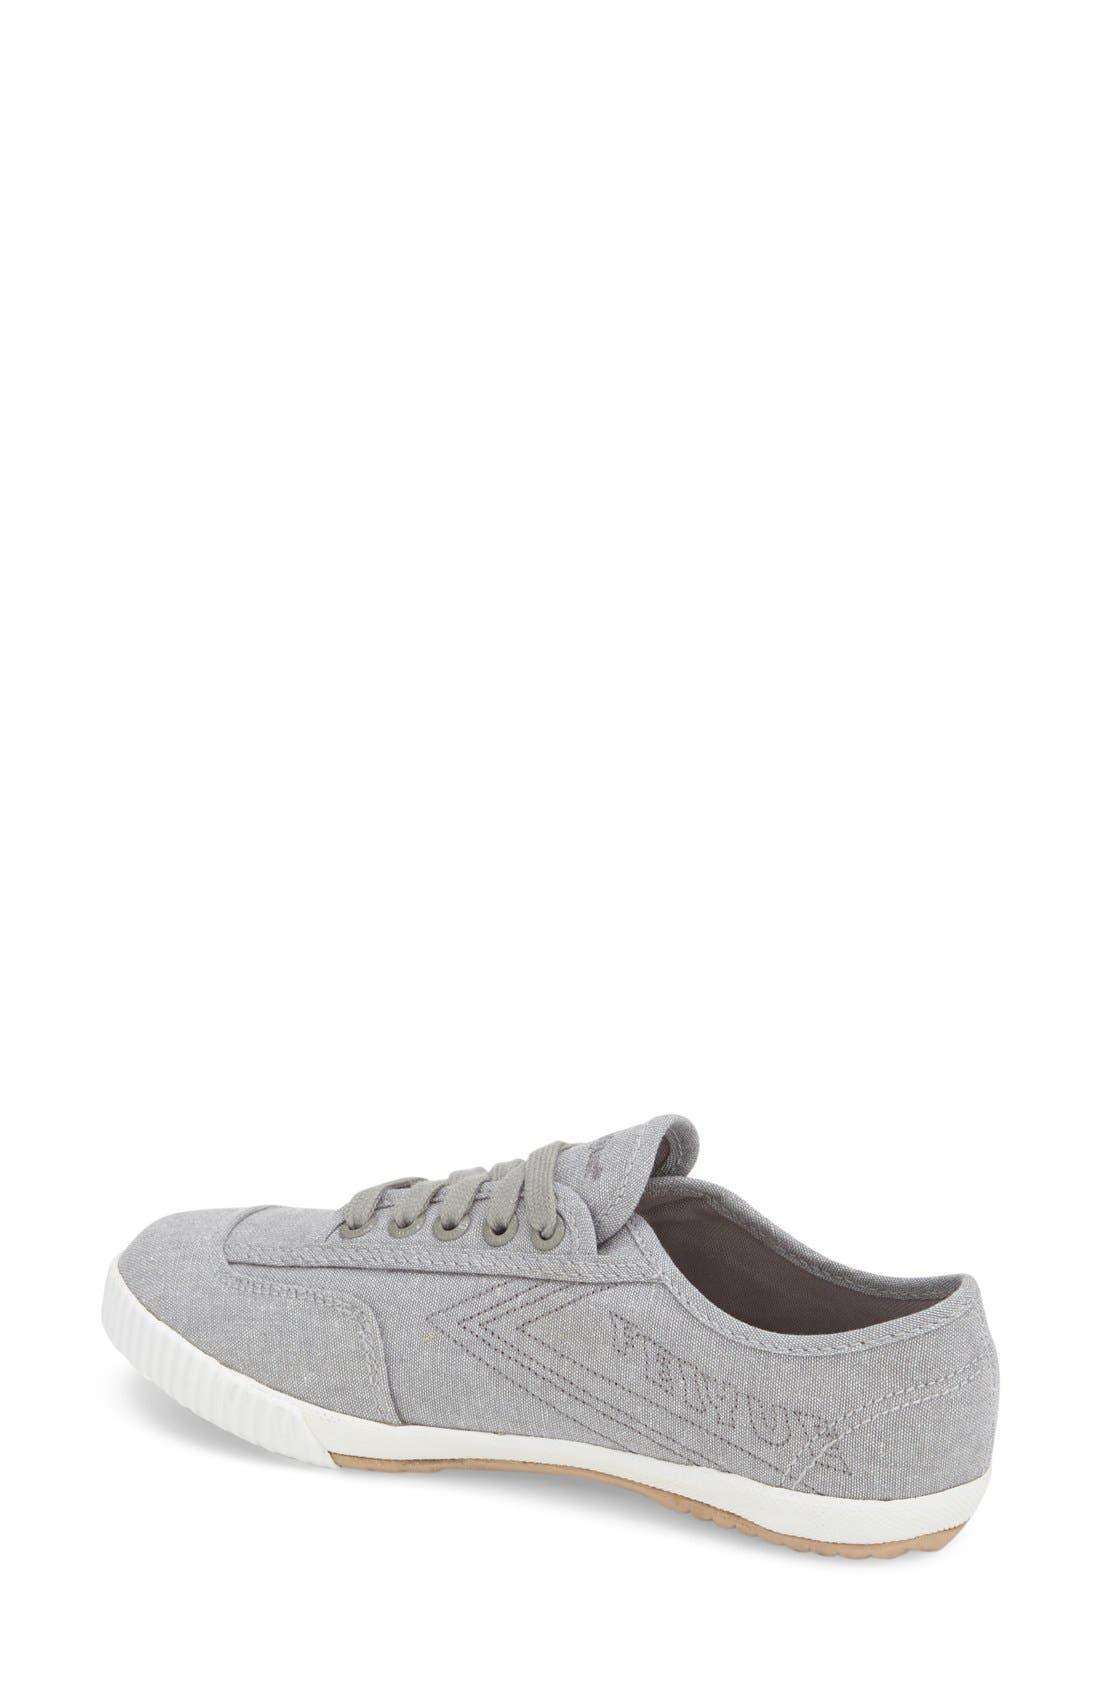 Alternate Image 2  - Feiyue. 'Fe Lo Plain' Chambray Sneaker (Women)